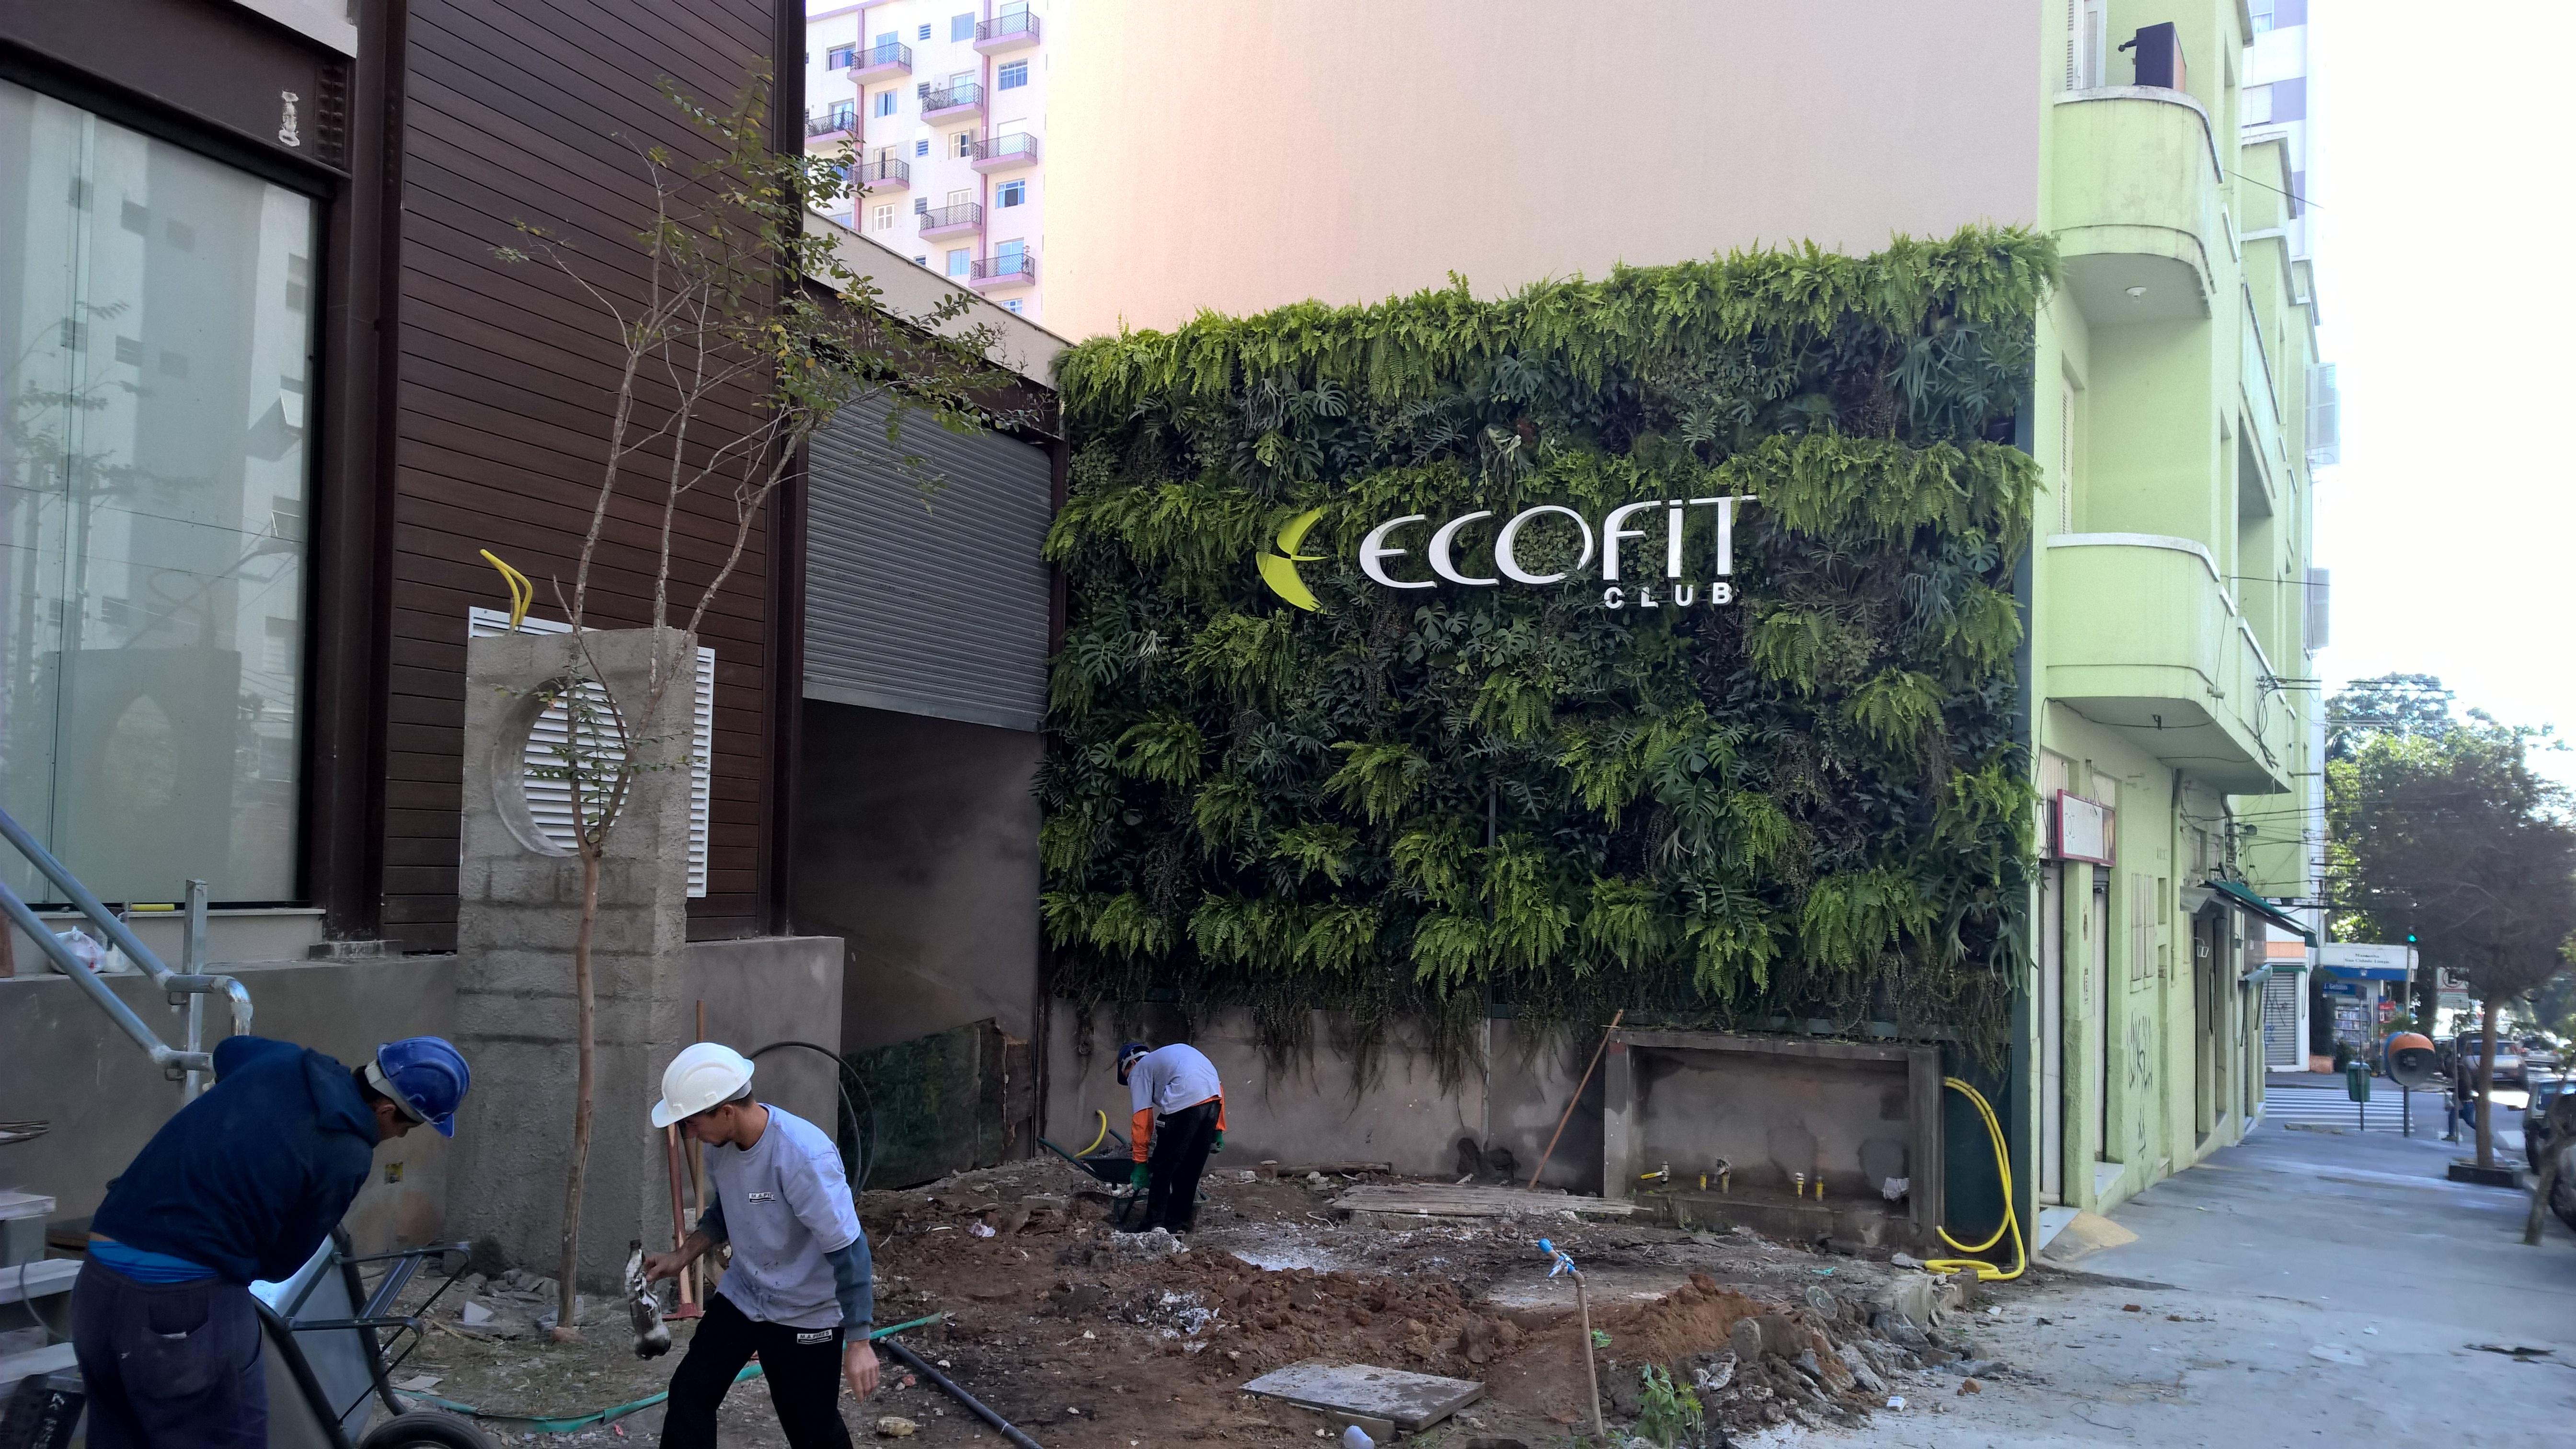 Academia ecológica Ecofit Club inaugurasua primeira franquia